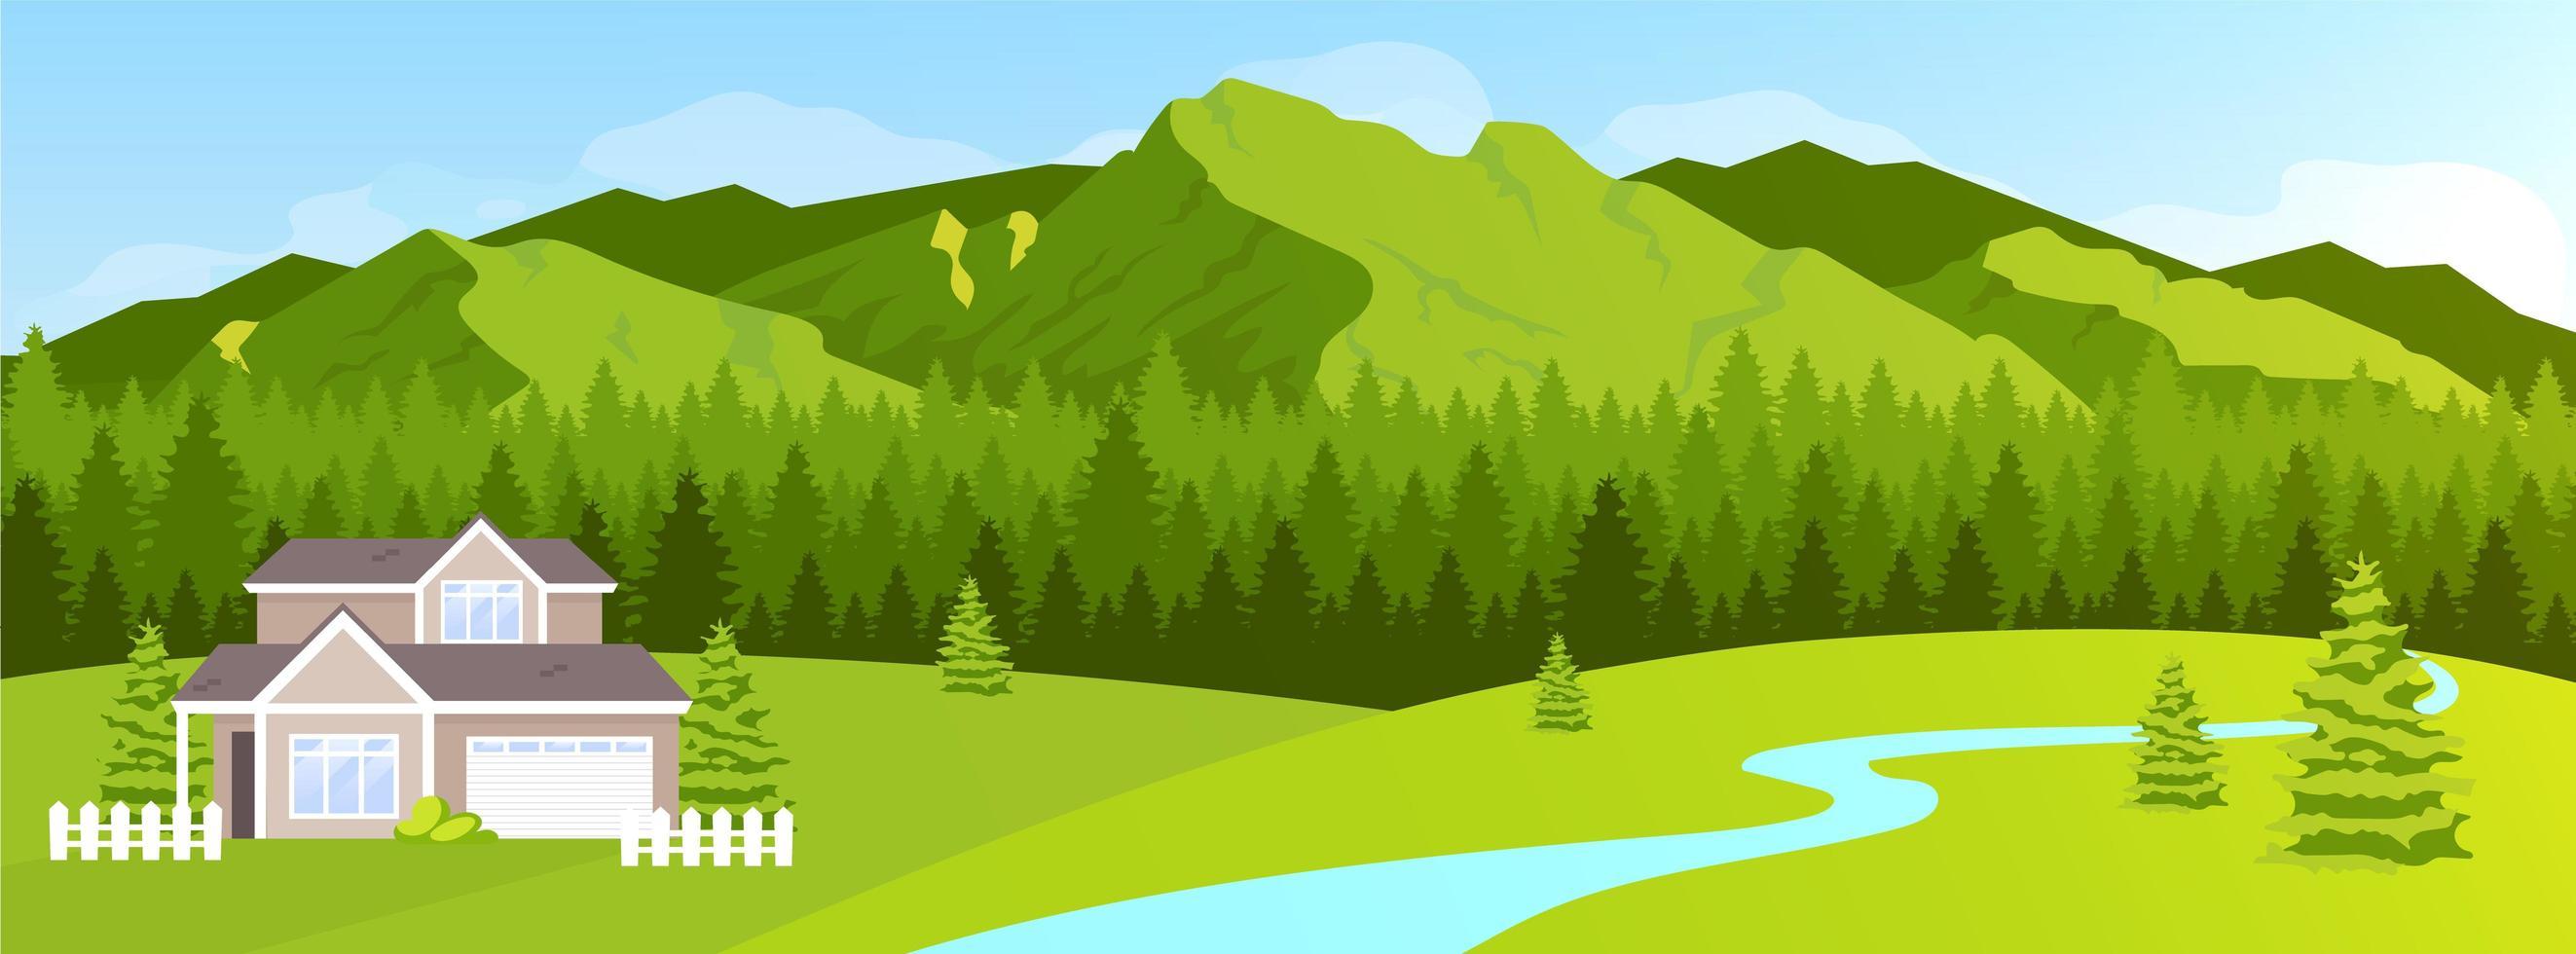 huis in de bergen vector